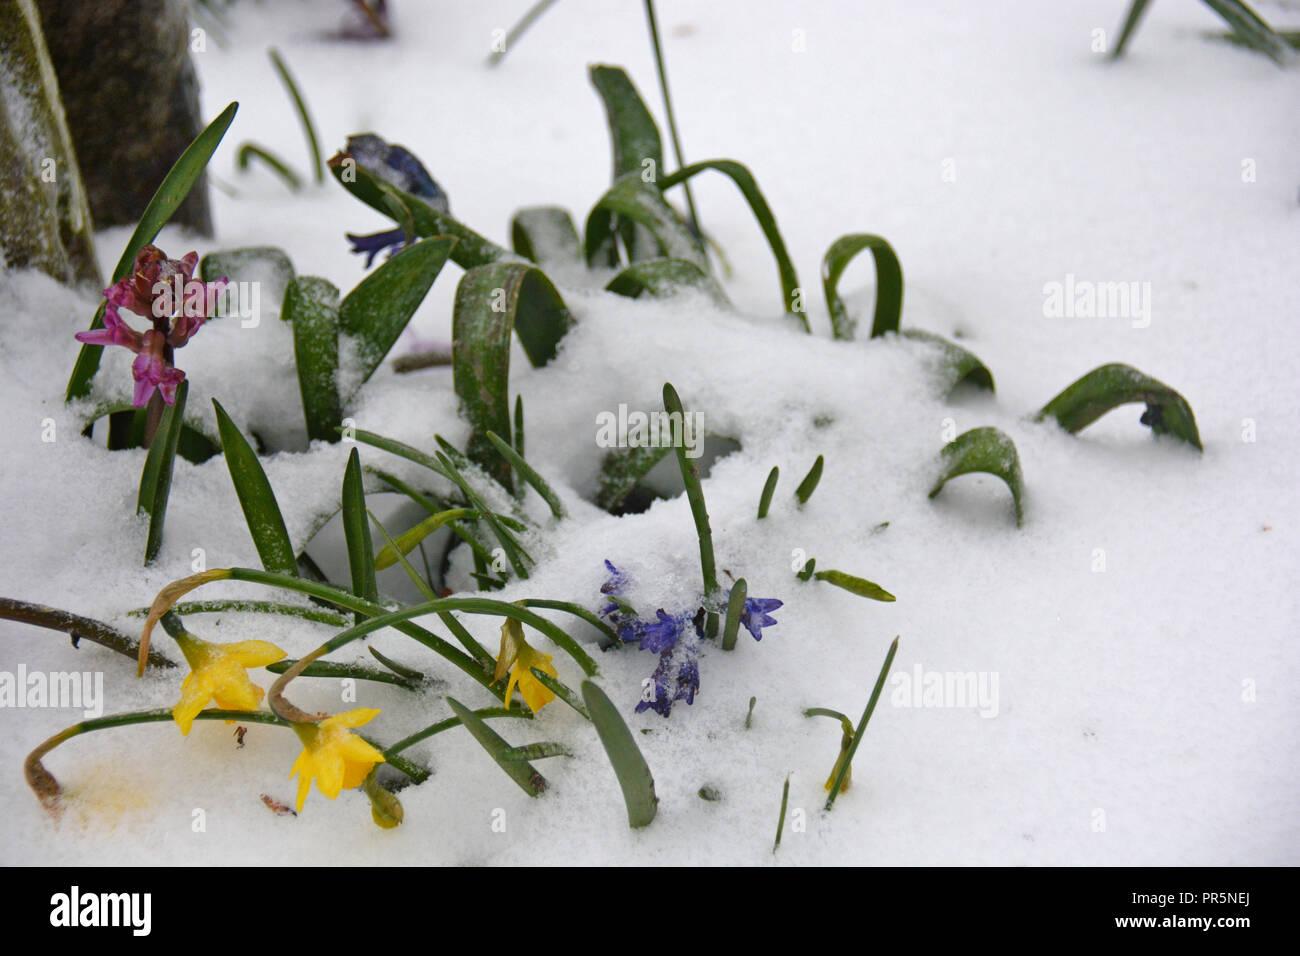 Winter Flowers Snow Season Stock Photo 220788138 Alamy